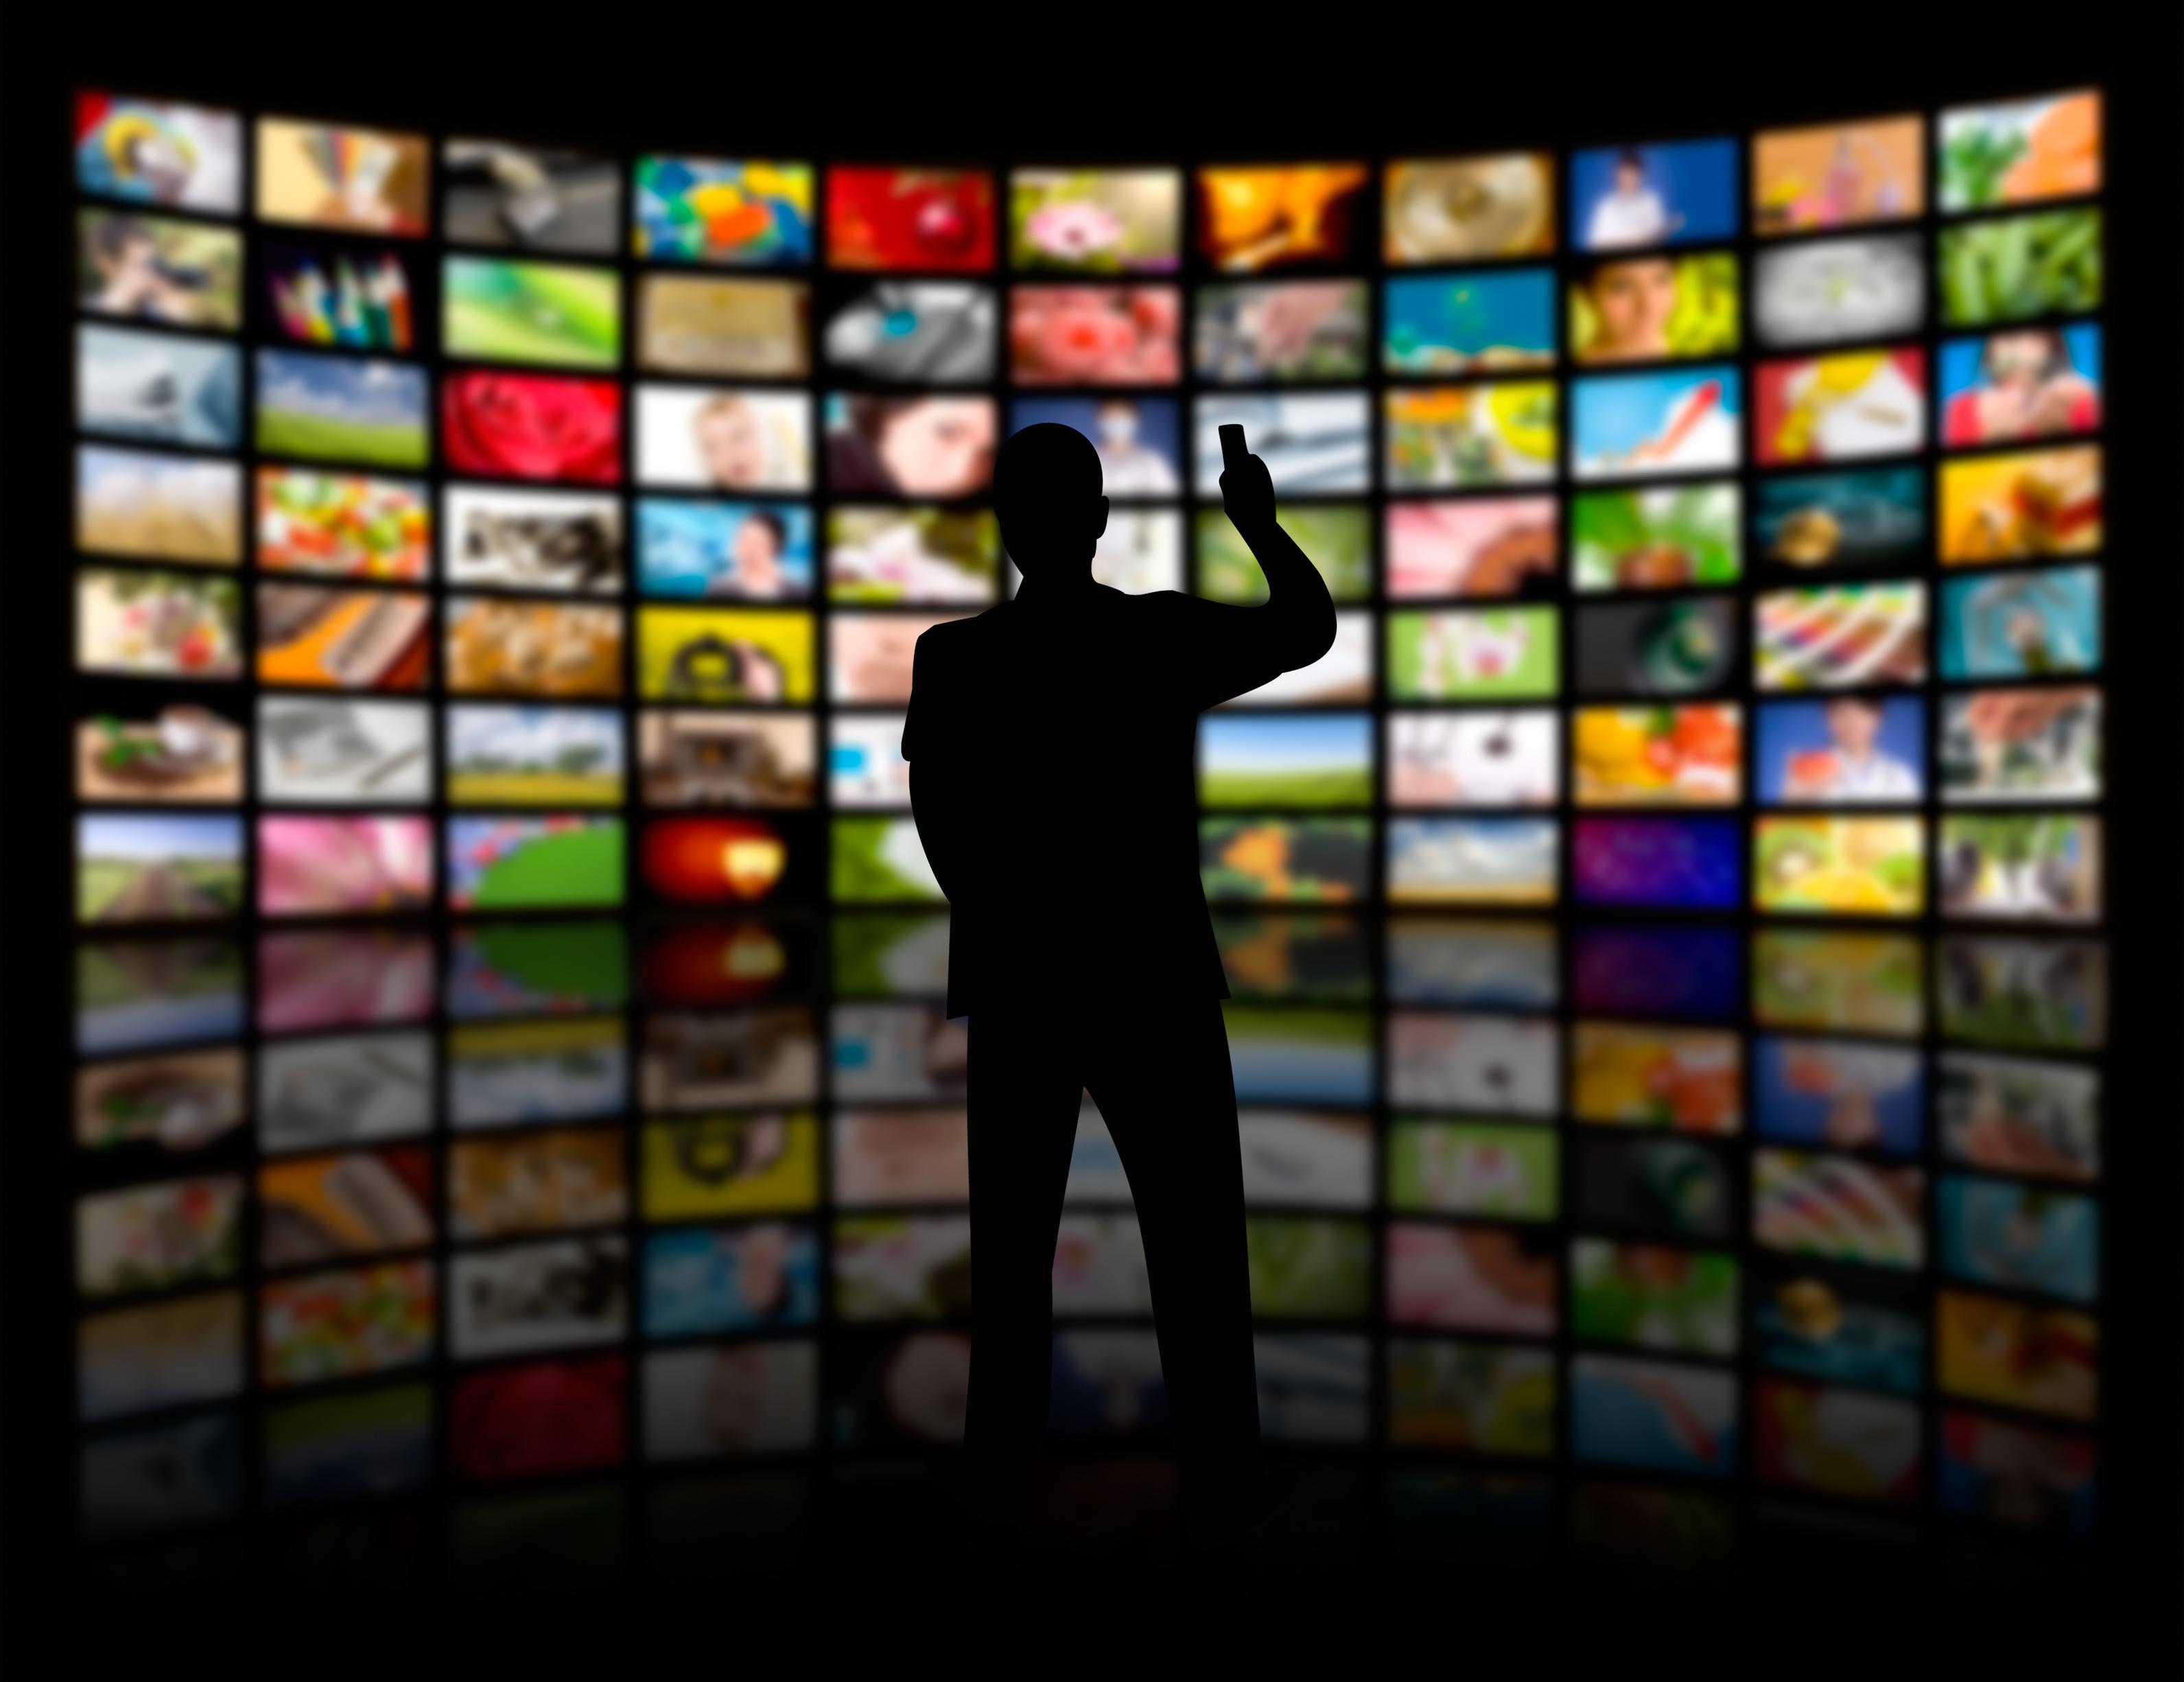 Invloed van video streamingdiensten op tv - Overmarketingenz.nl